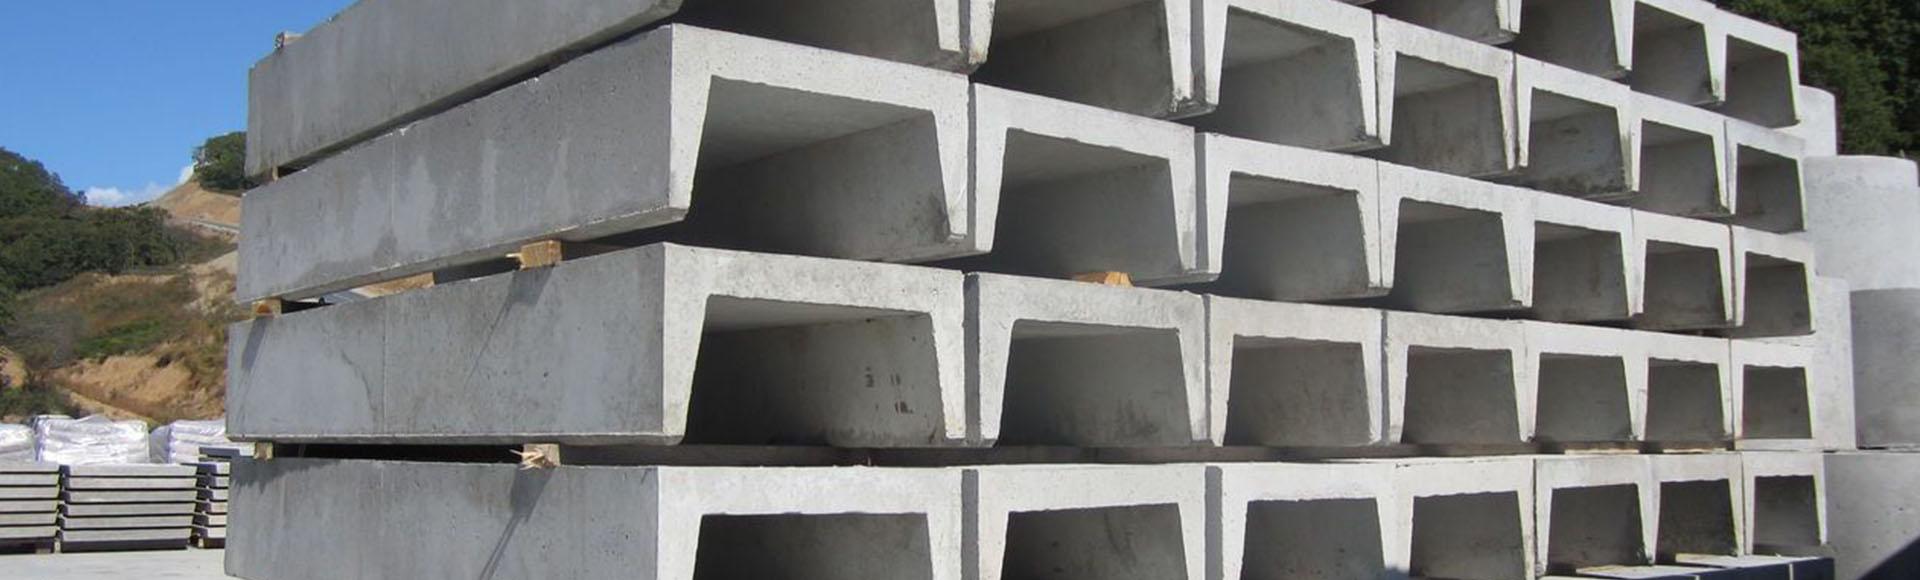 Жби иртышский проезд жби калининград